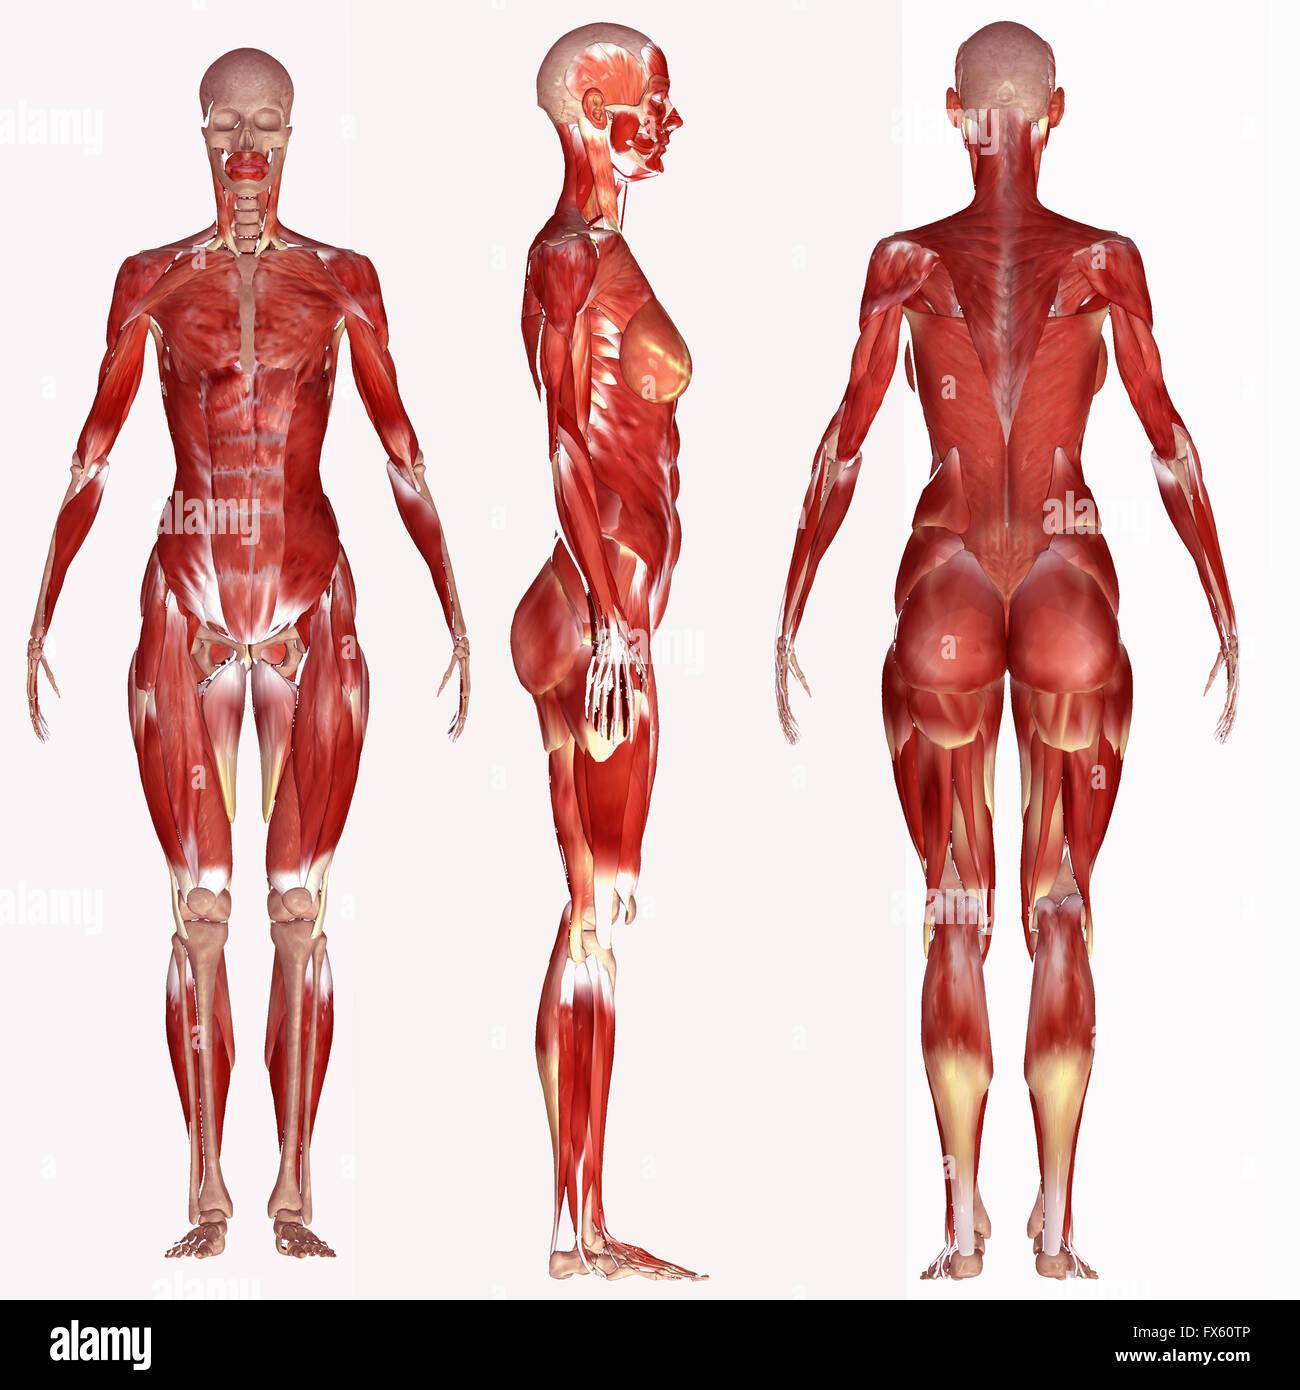 El cuerpo humano, la anatomía, el músculo, la medicina, el hombre, la medicina, la ilustración, hombres, Imagen De Stock